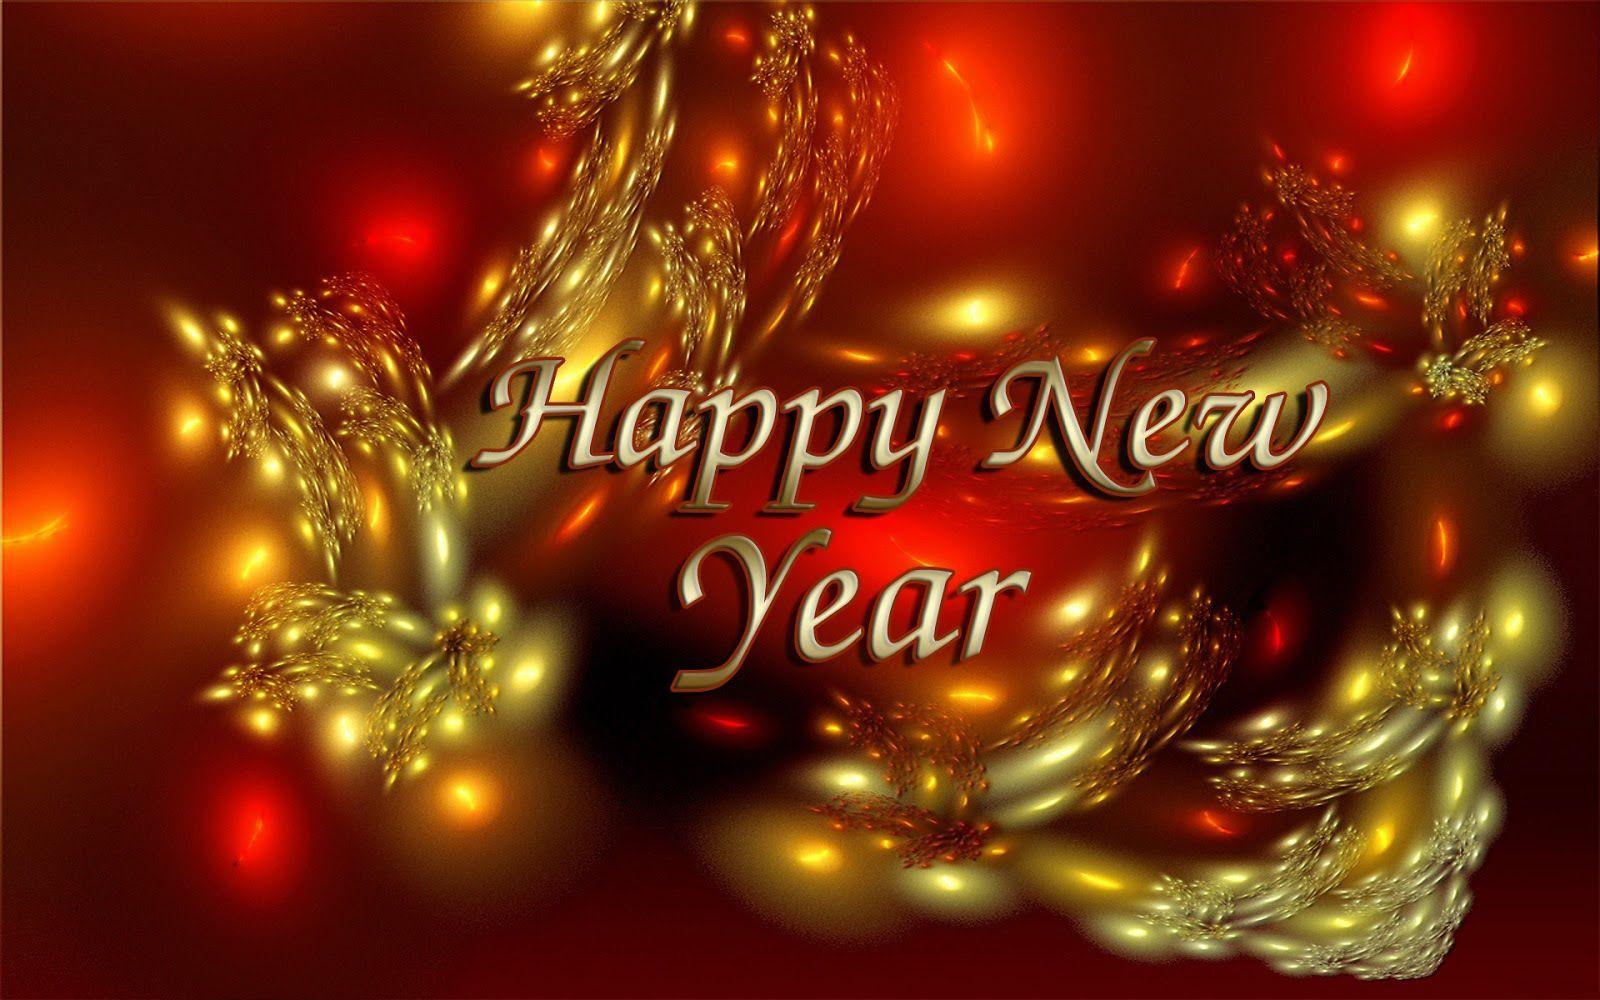 Happy New Year Cards 2015 Cards Happy New Year Cards Merry